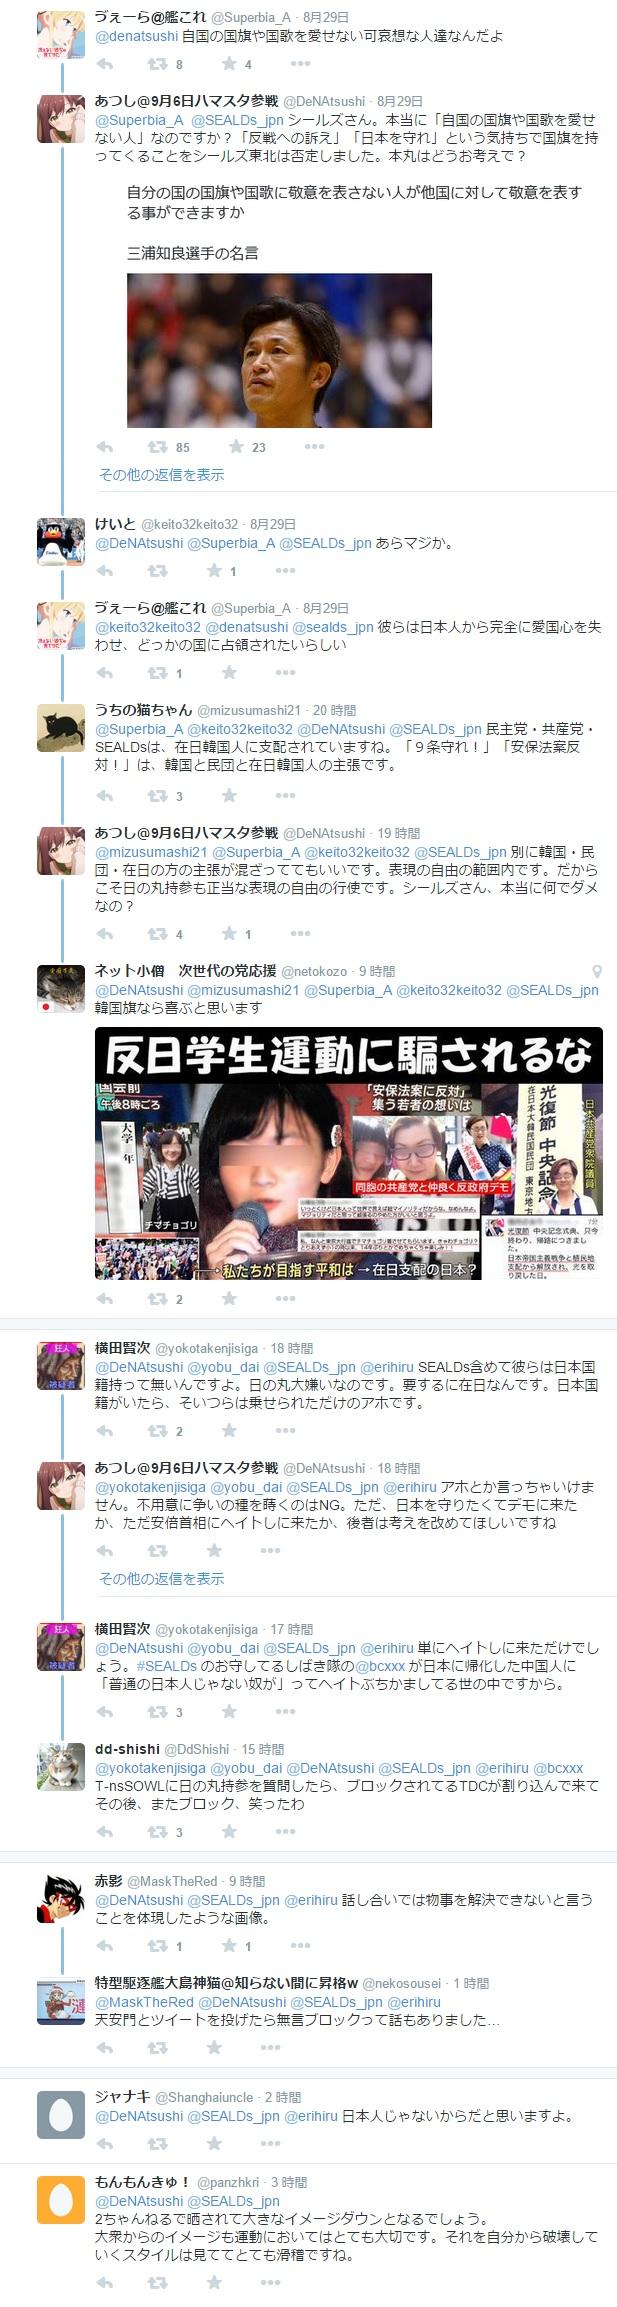 SEALDsが日の丸ブロック